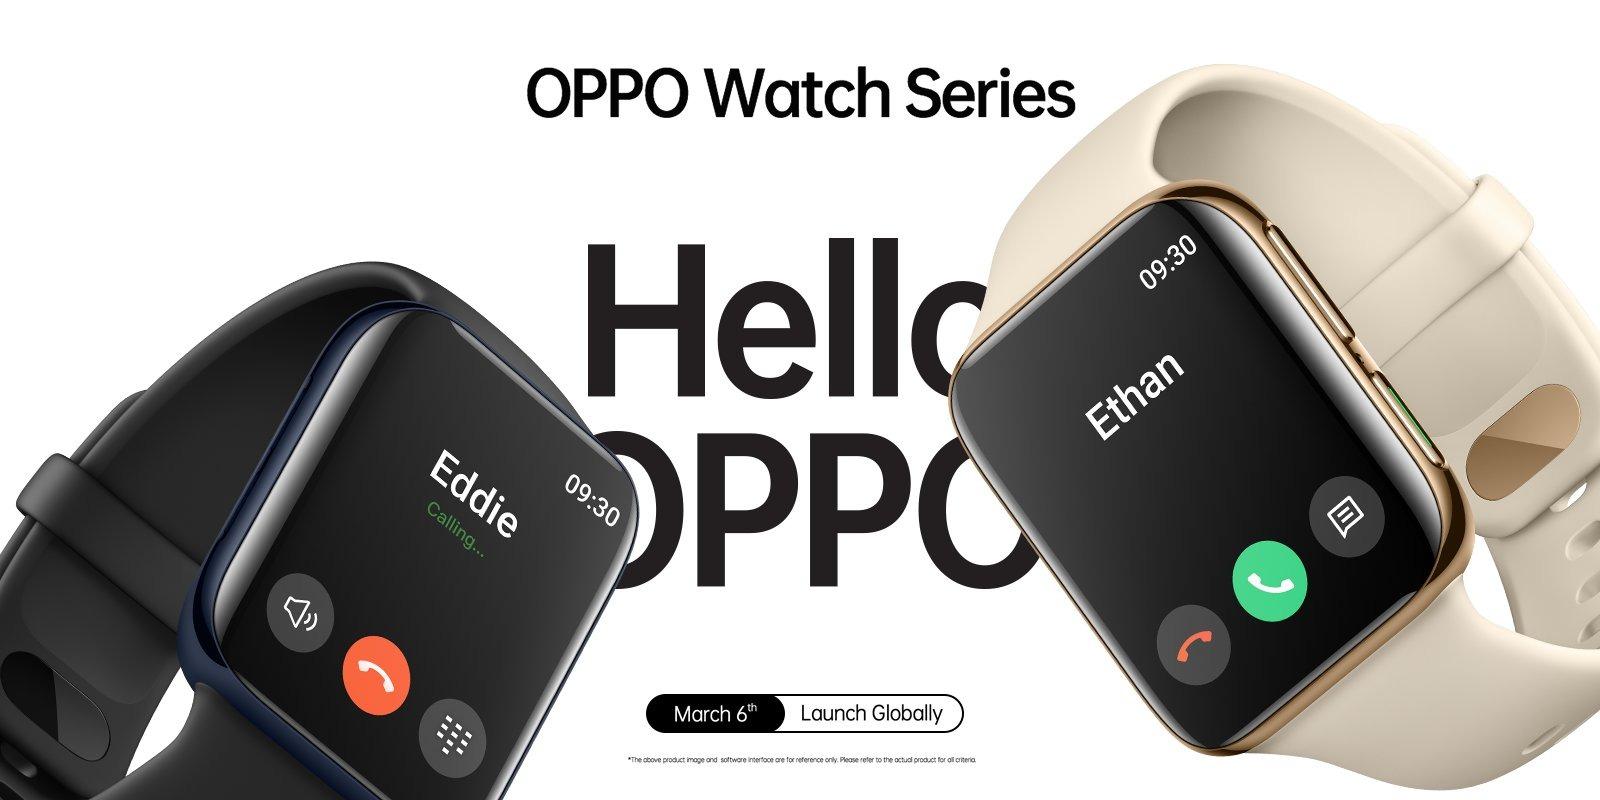 Chiếc smartwatch mới của Oppo trông khá giống với Apple Watch, sẽ ra mắt vào ngày 06/03 tới